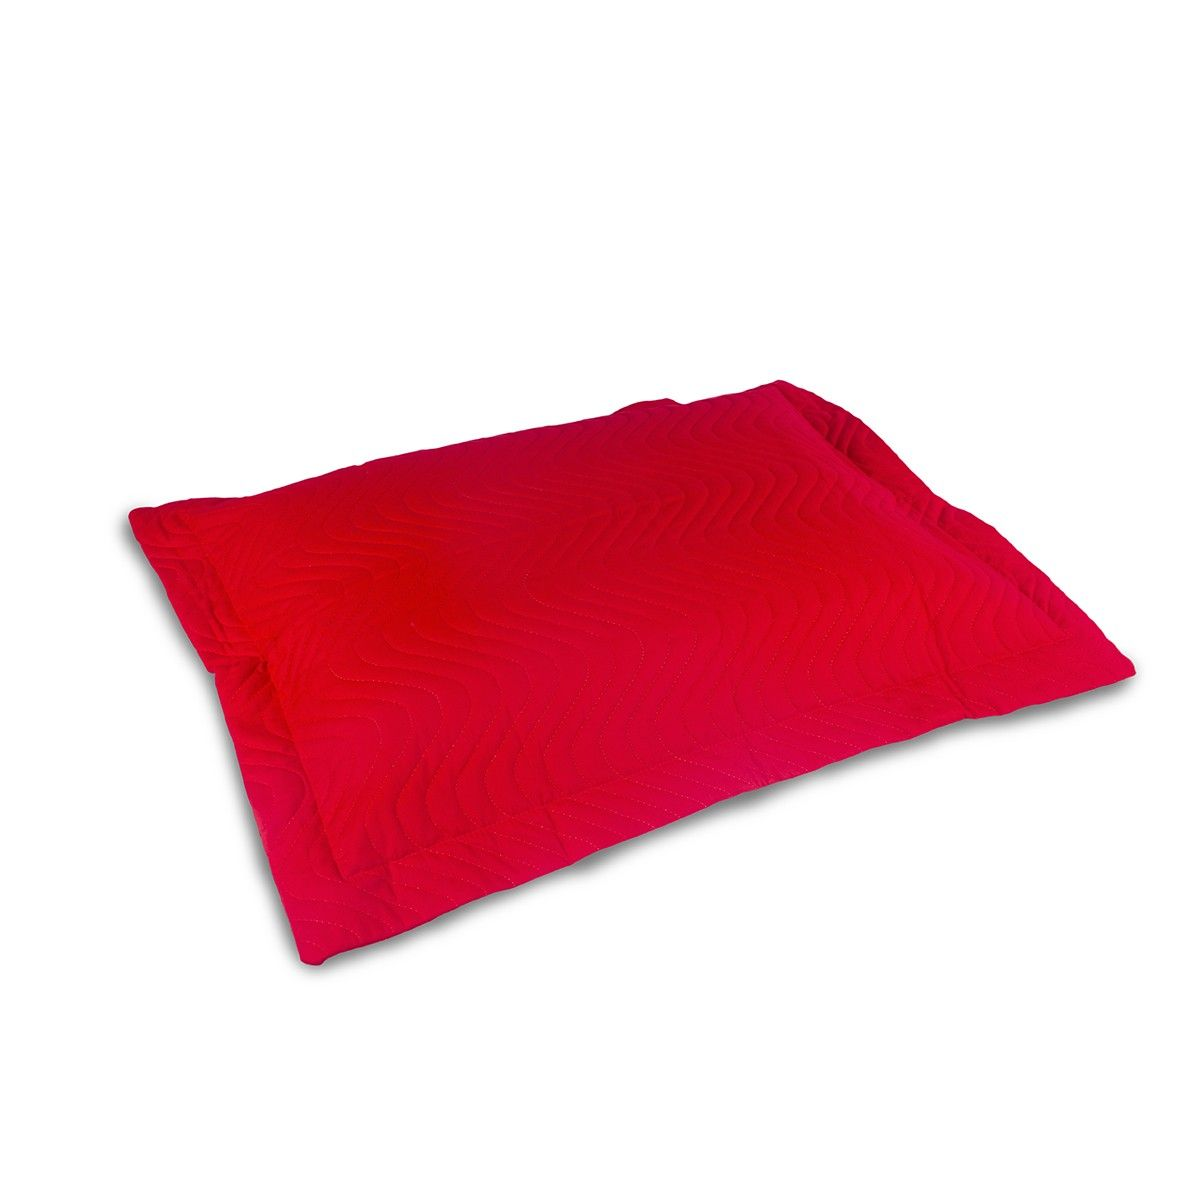 Porta Travesseiro Avulso Matelassado 180 Fios - Vermelho